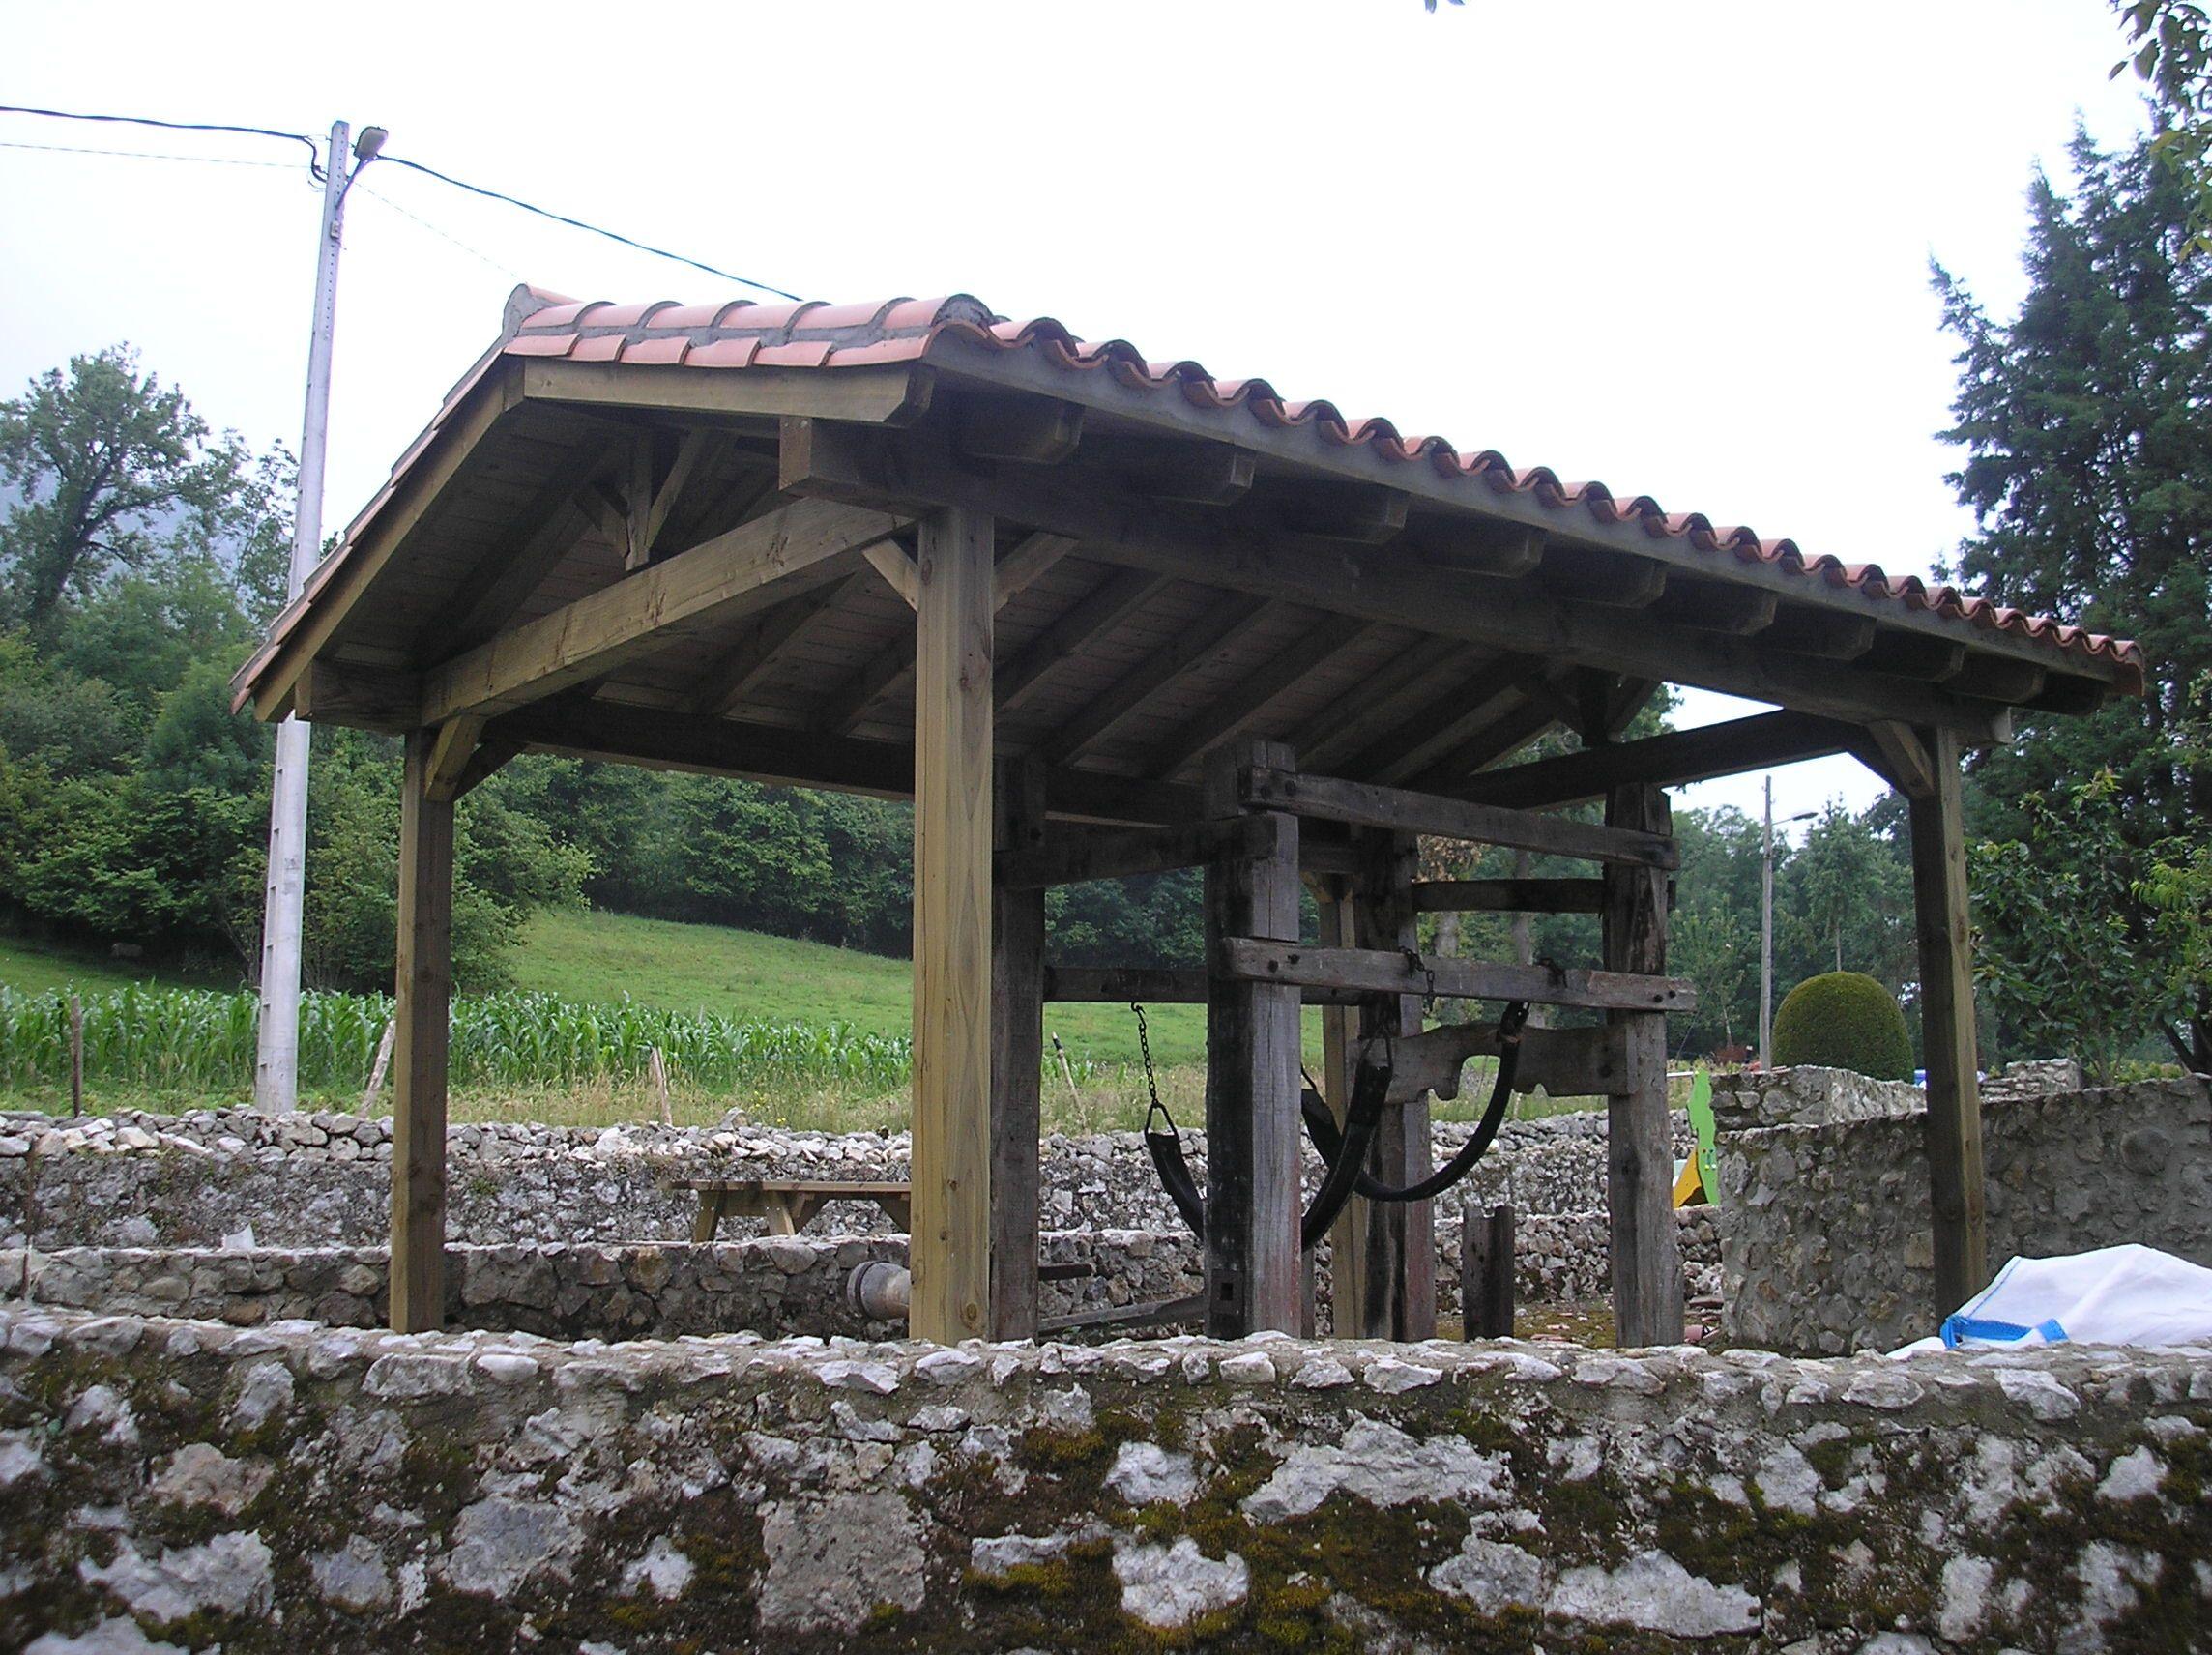 Gacebo a dos aguas que protege un antiguo potro de herrar en un pueblo de la montaña leonesa.  Contacta con Edan Pérgolas a través de www.edanpergolas.com